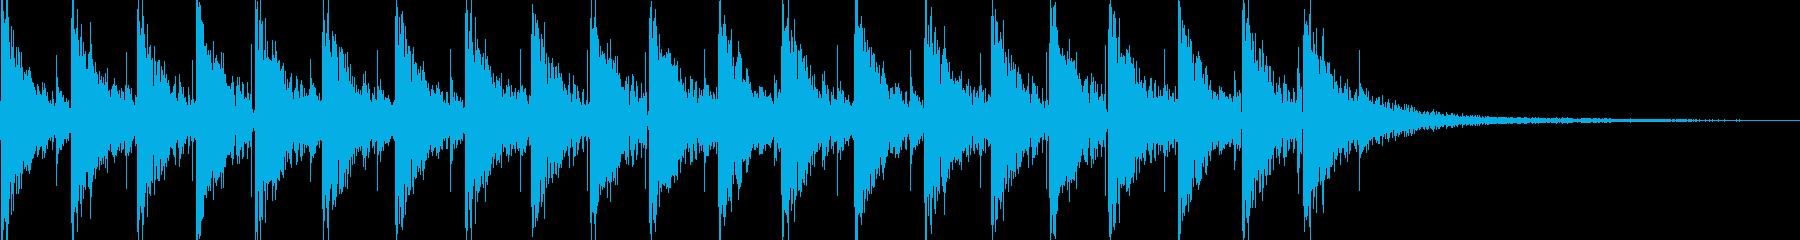 マシンガン発射2の再生済みの波形